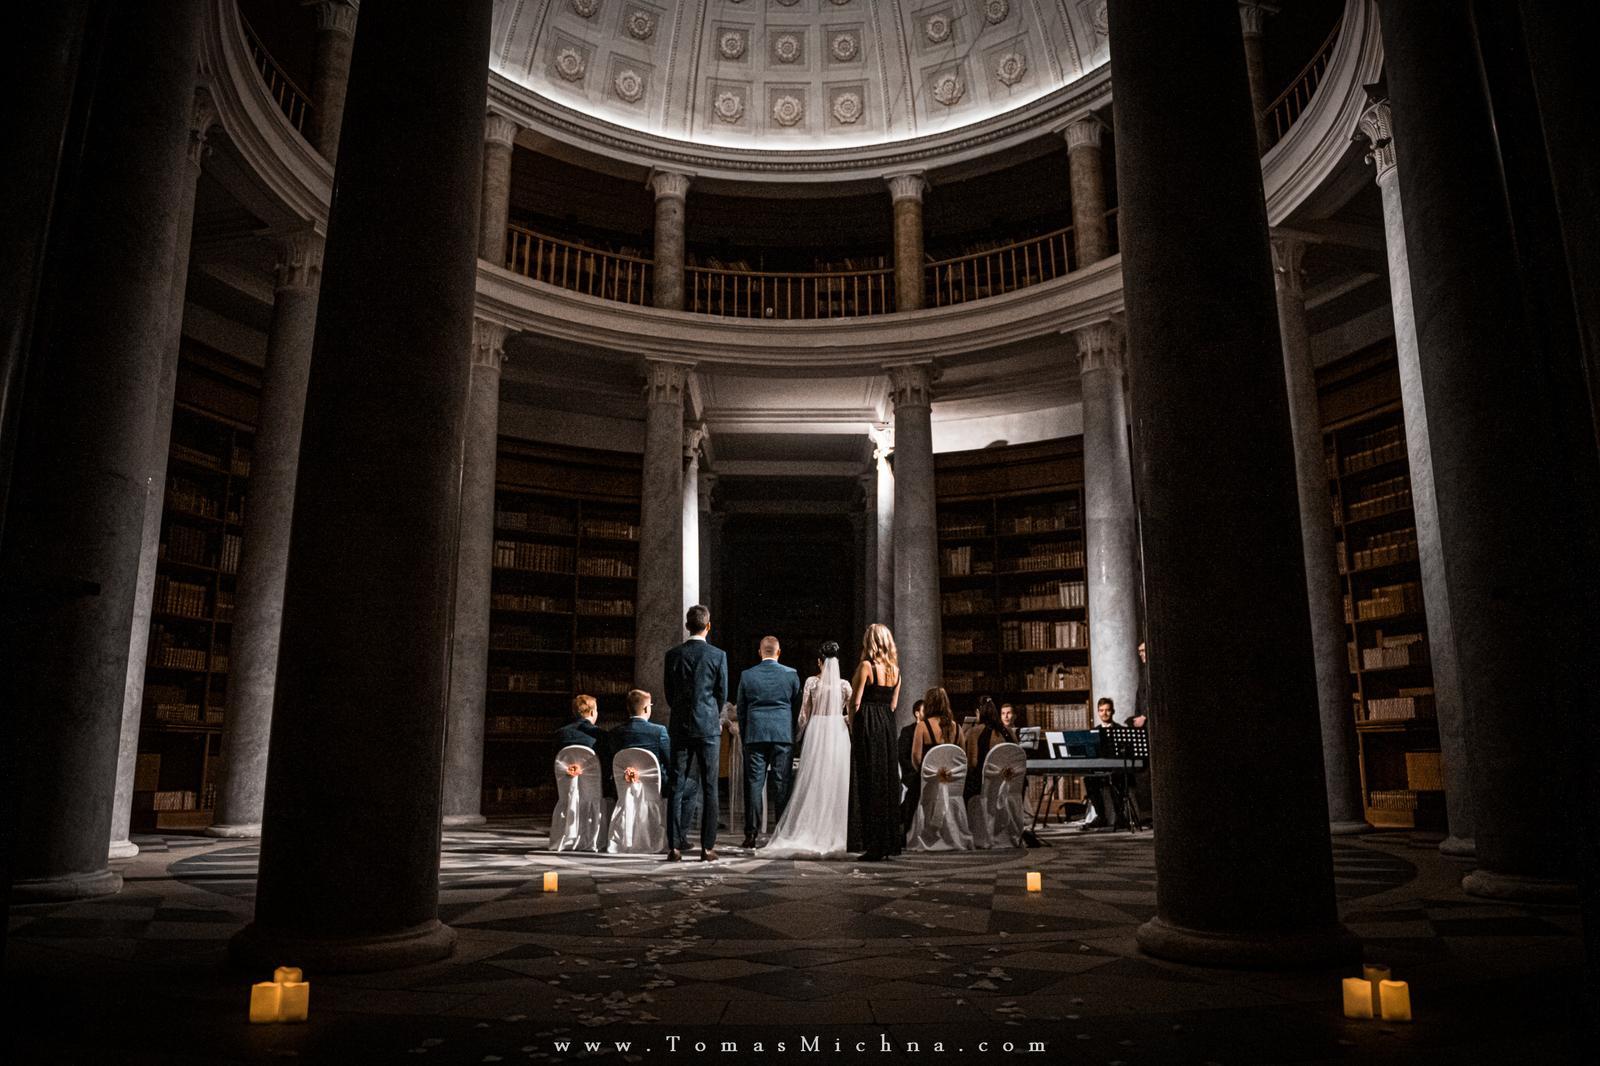 Zimní svatba na zámku Kačina ♥ Veronika & David ♥ 12.12.2019 - Obrázek č. 1